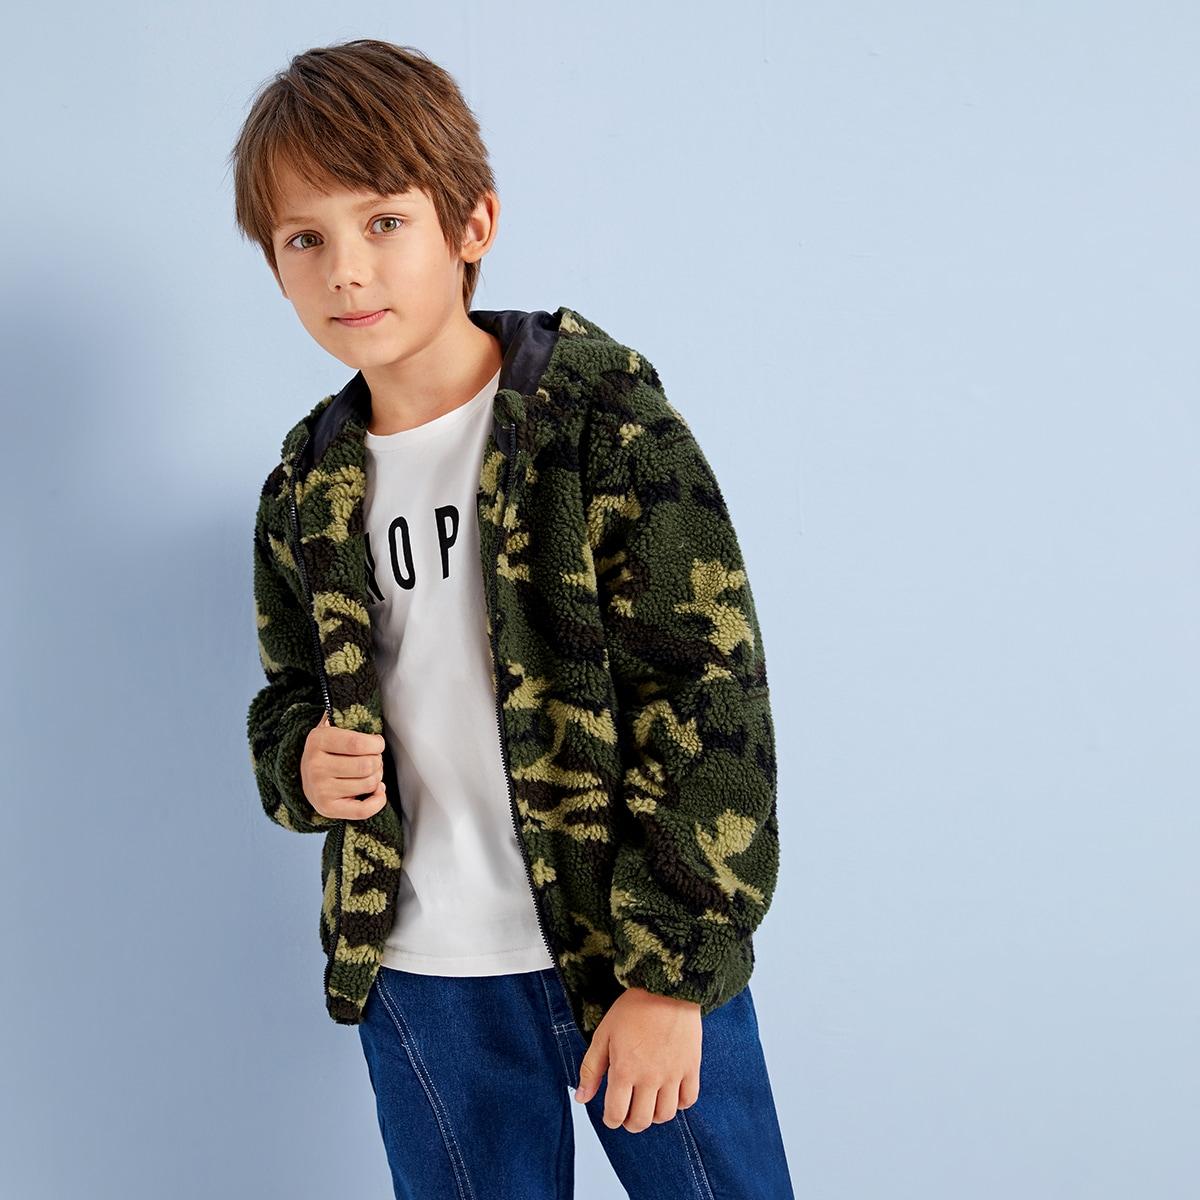 Плюшевая куртка на молнии с капюшоном и камуфляжным принтом для мальчиков от SHEIN